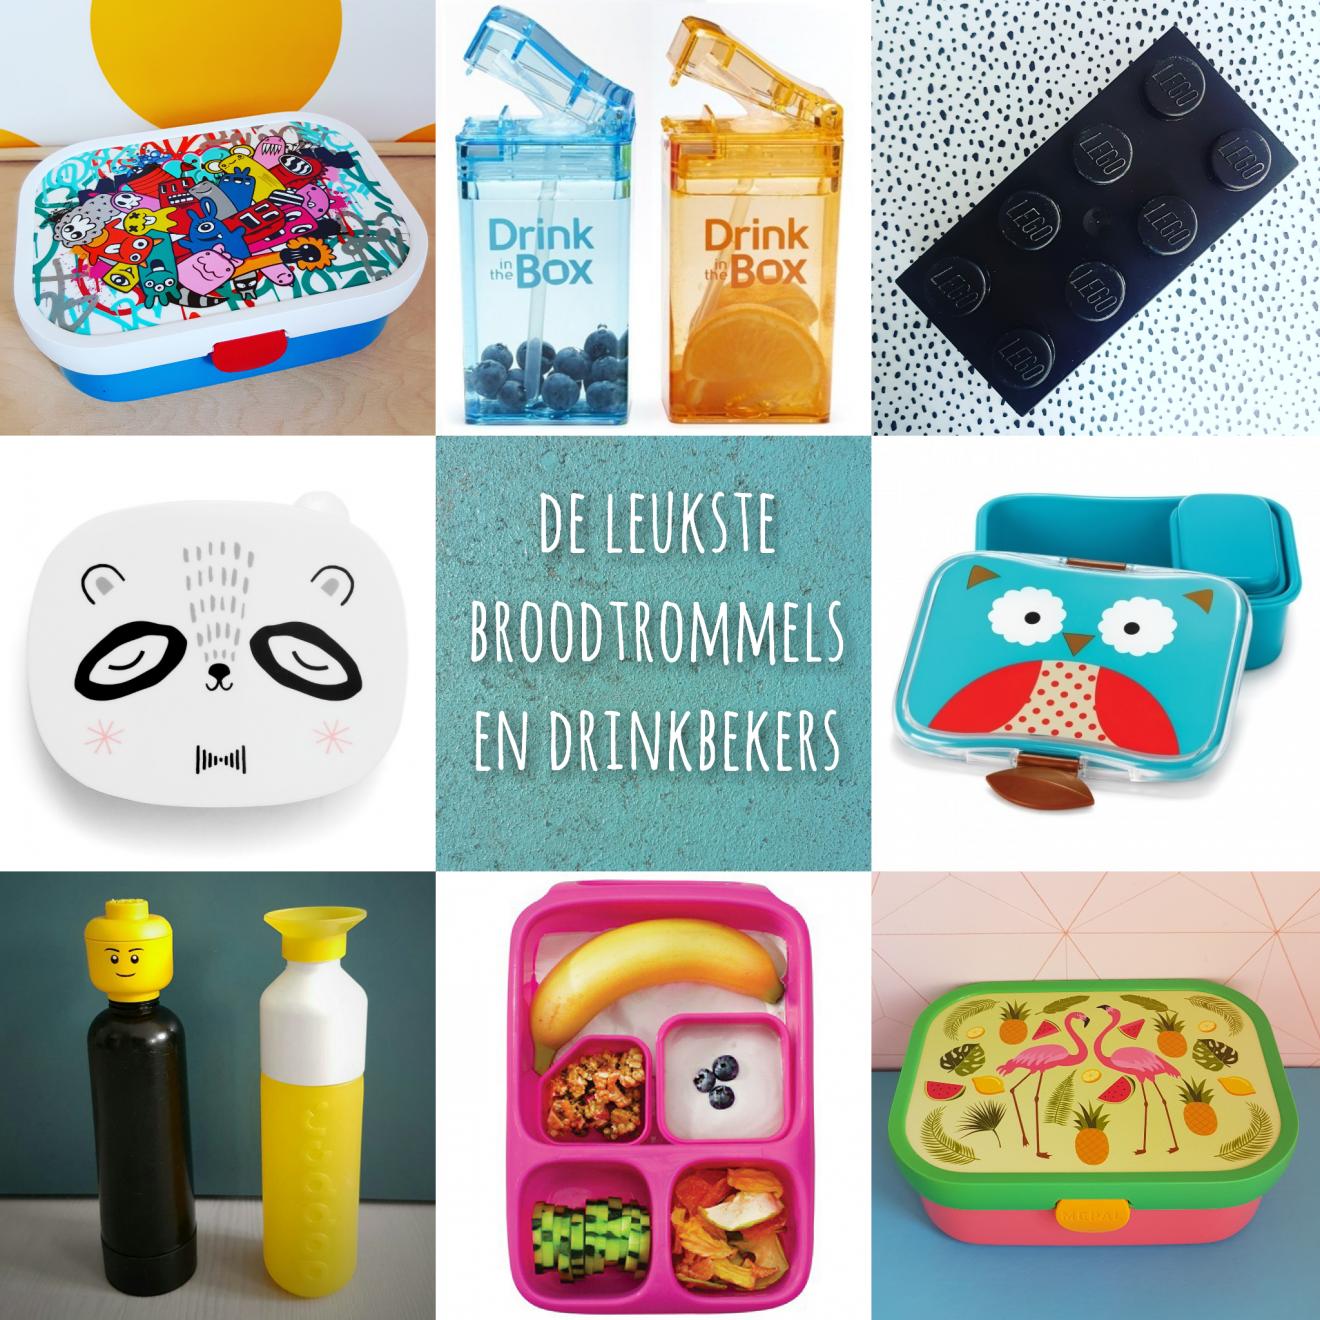 De leukste broodtrommels en drinkbekers voor school #leukmetkids #broodtrommel #lunchbox